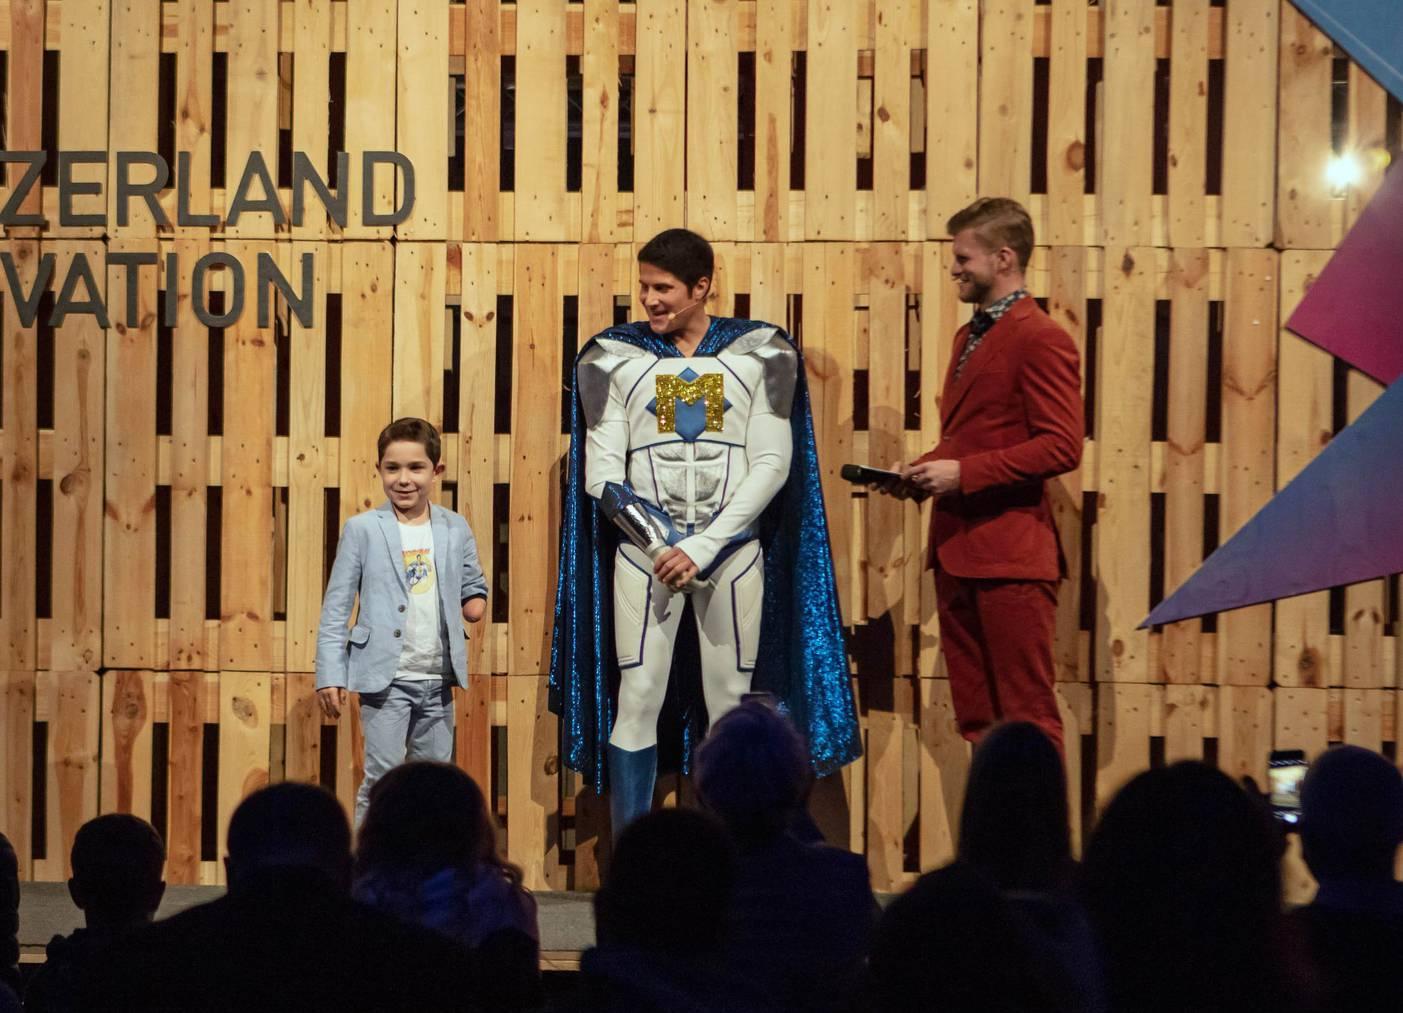 Michel Fornasier in seinem Superheldenkostüm - zusammen mit Moderator Thomas Odermatt. (Bild: zVg)